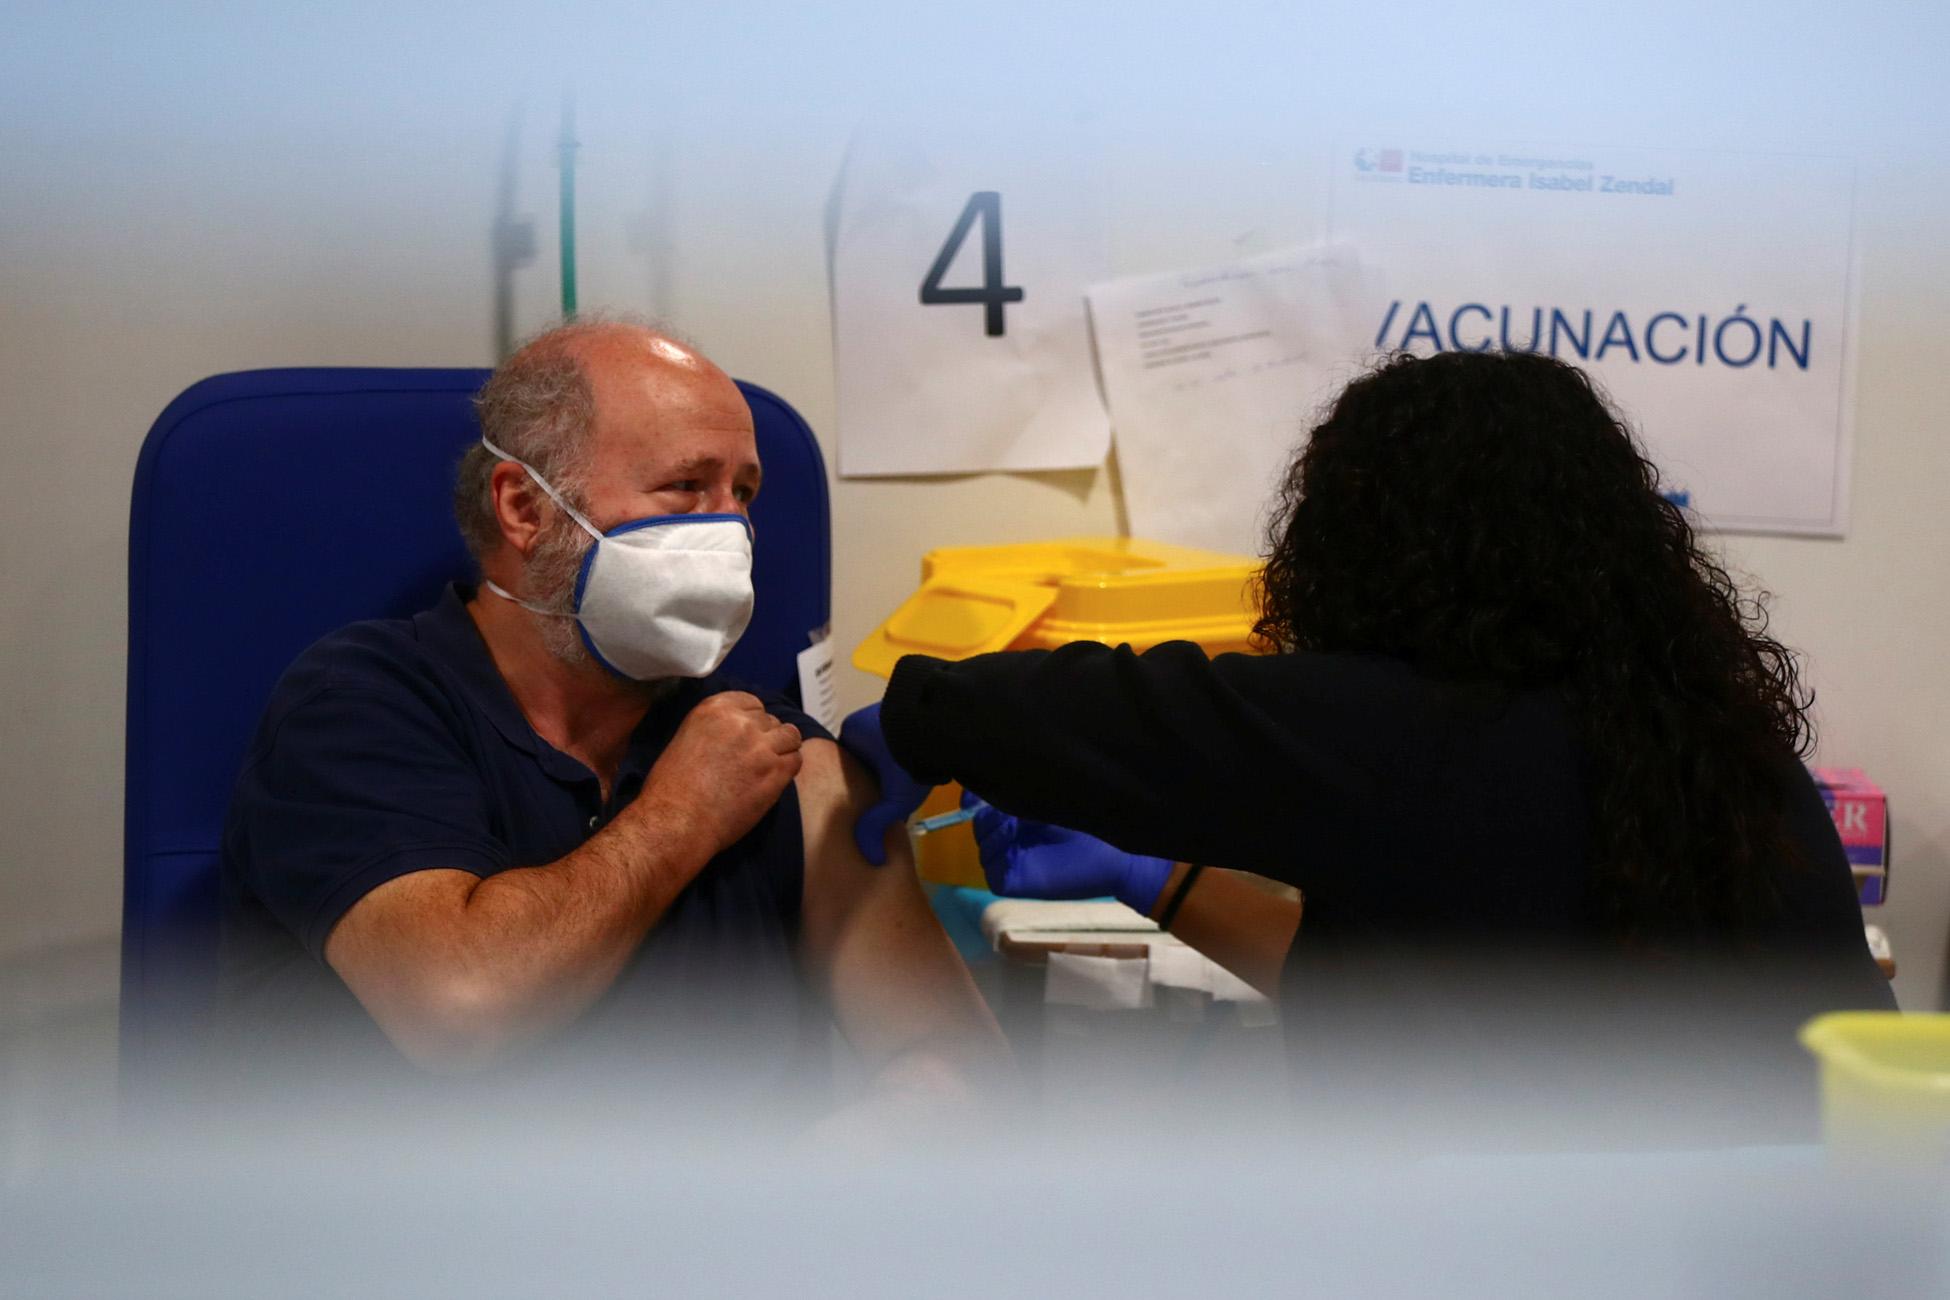 Ισπανία: Στόχος ο εμβολιασμός 25 εκατομμυρίων πολιτών μέχρι τα τέλη Ιουνίου